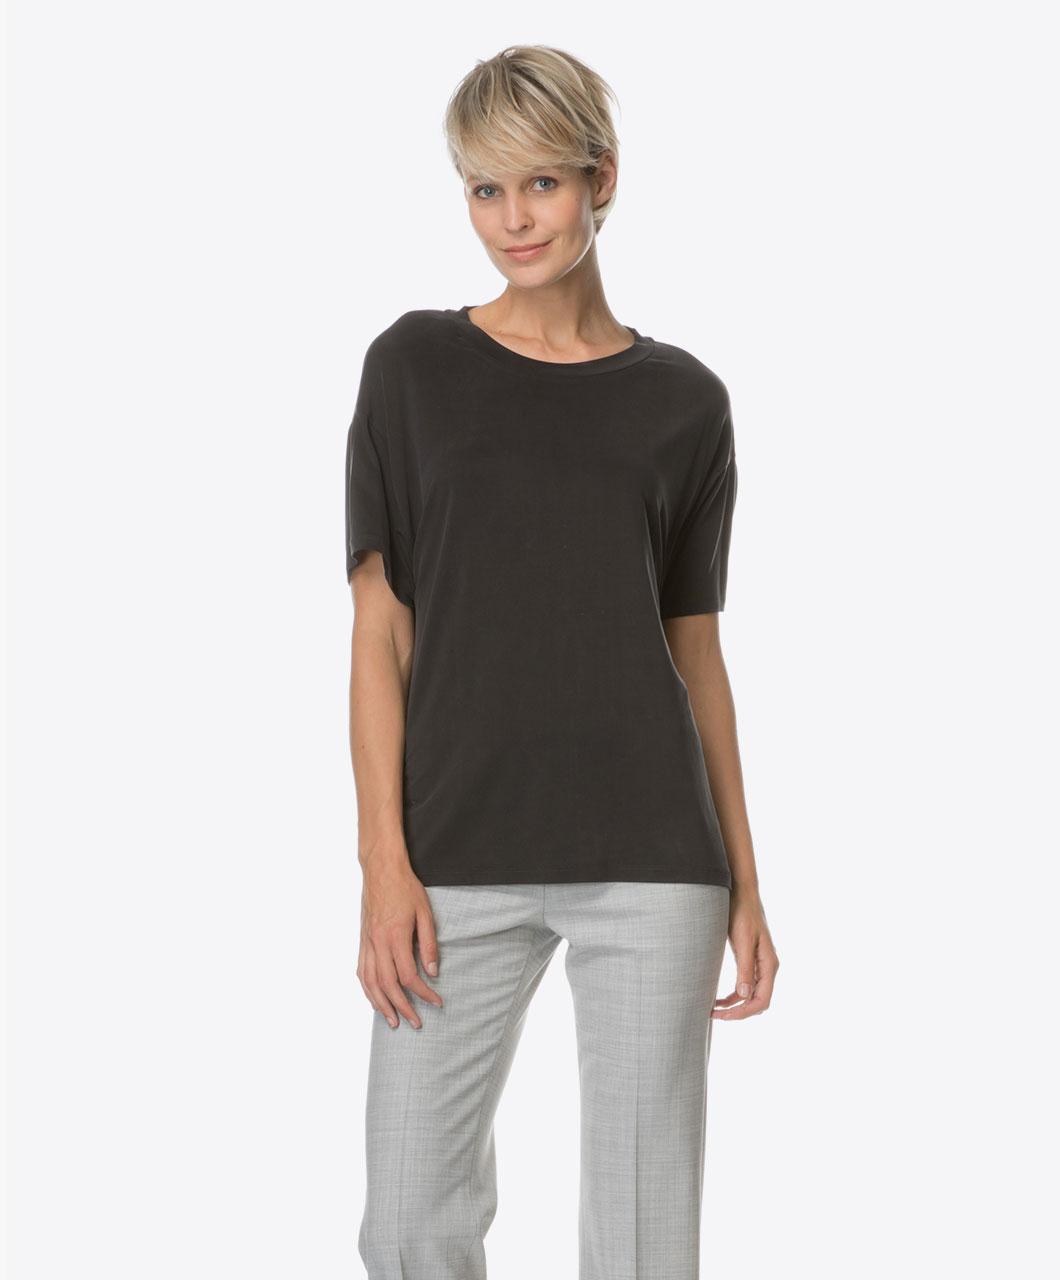 drykorn kyla cupro t shirt black kyla 507211 1000. Black Bedroom Furniture Sets. Home Design Ideas